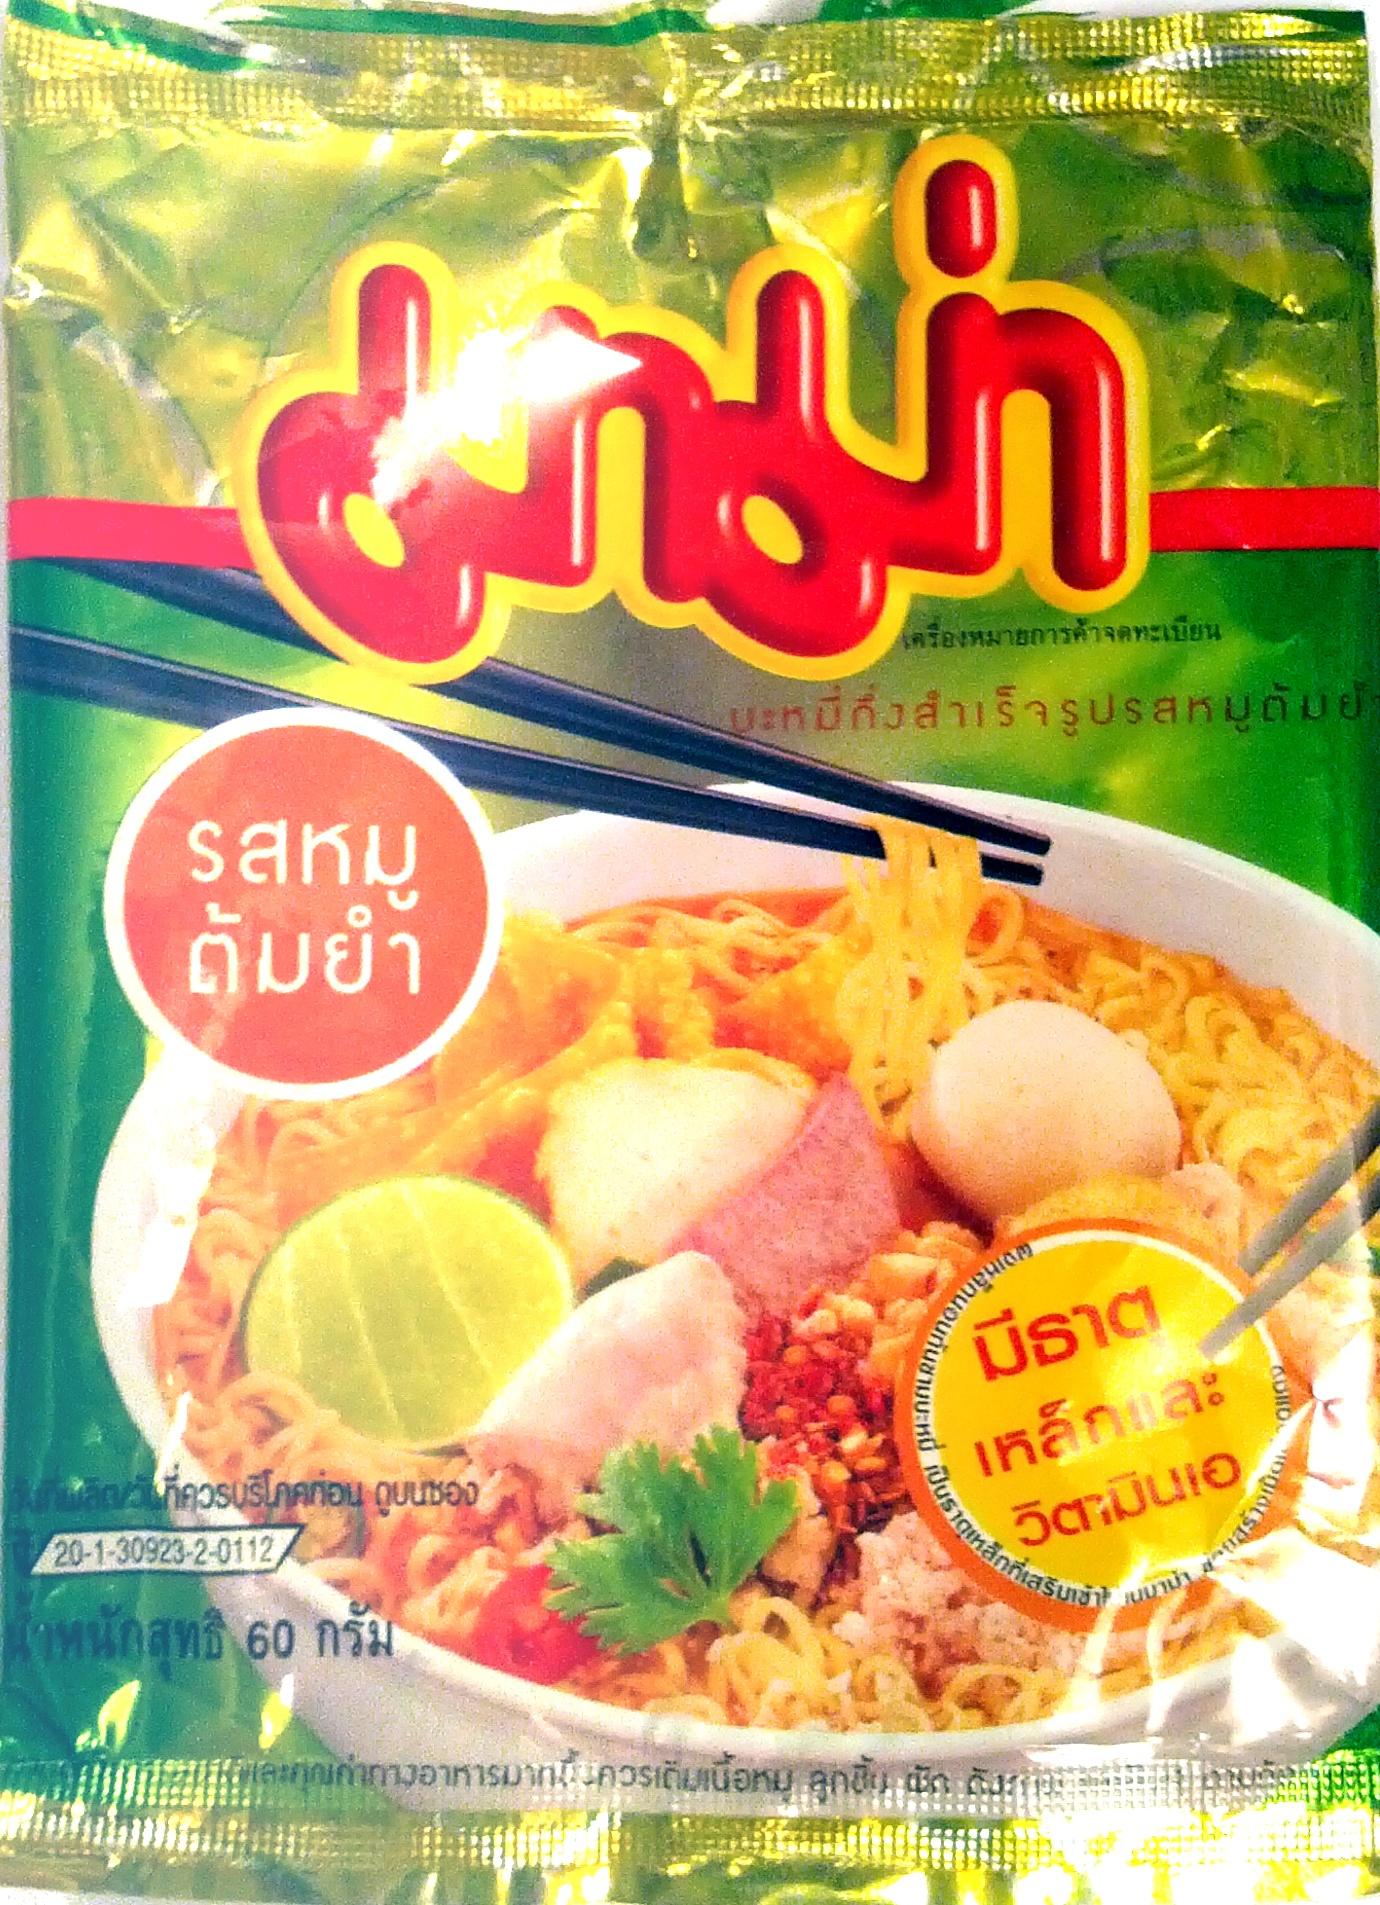 Instant Noodles Tom Yum Pork Flavour - Product - en